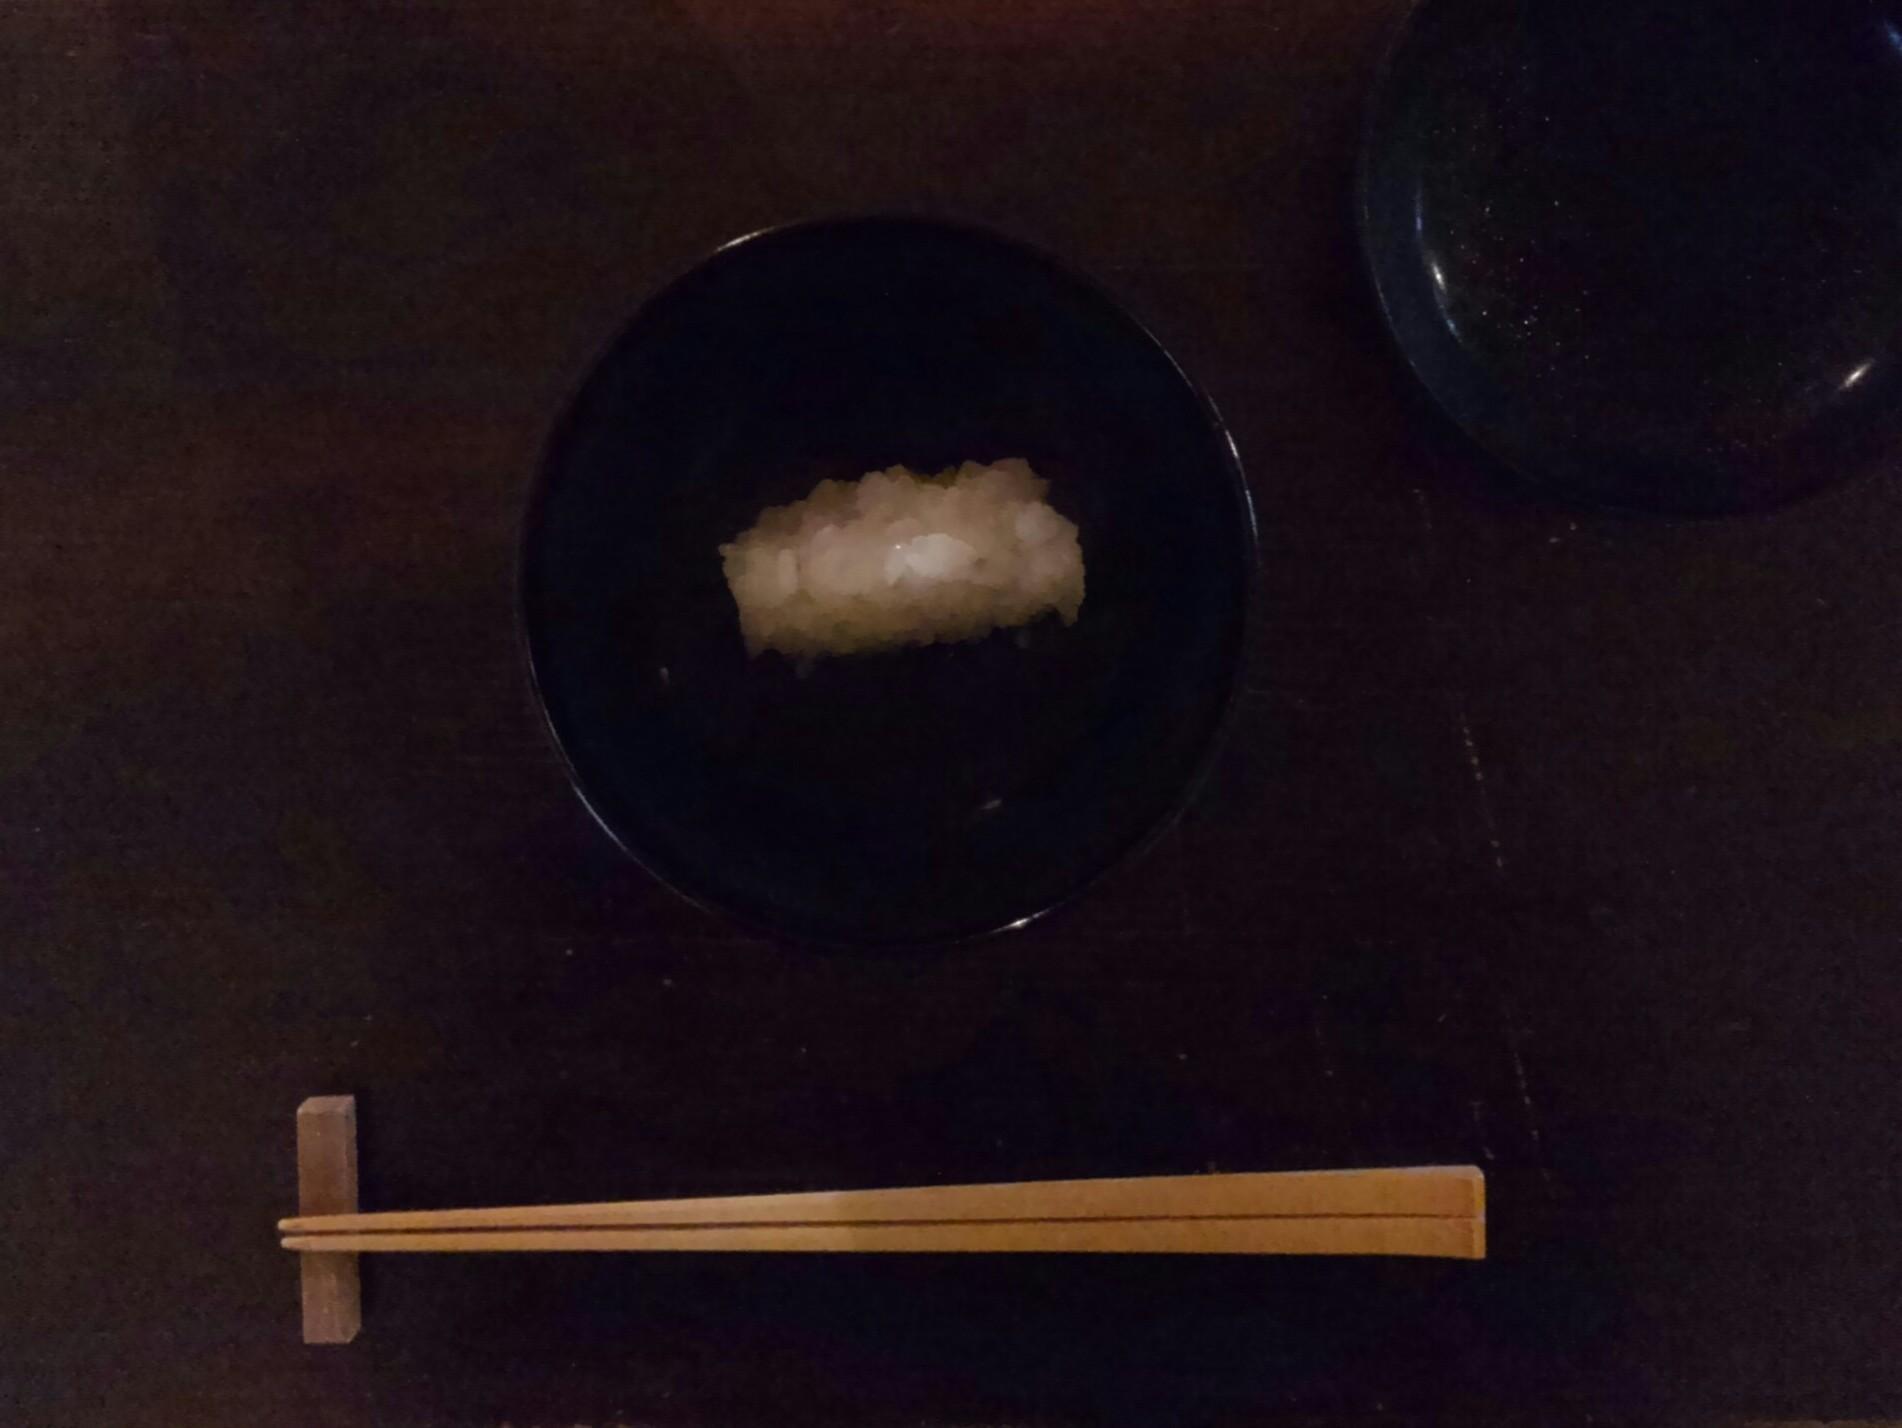 晩秋の八ヶ岳南麓+松本の旅路4 tadokorogaro+日本料理温石 編_f0351305_00351779.jpg